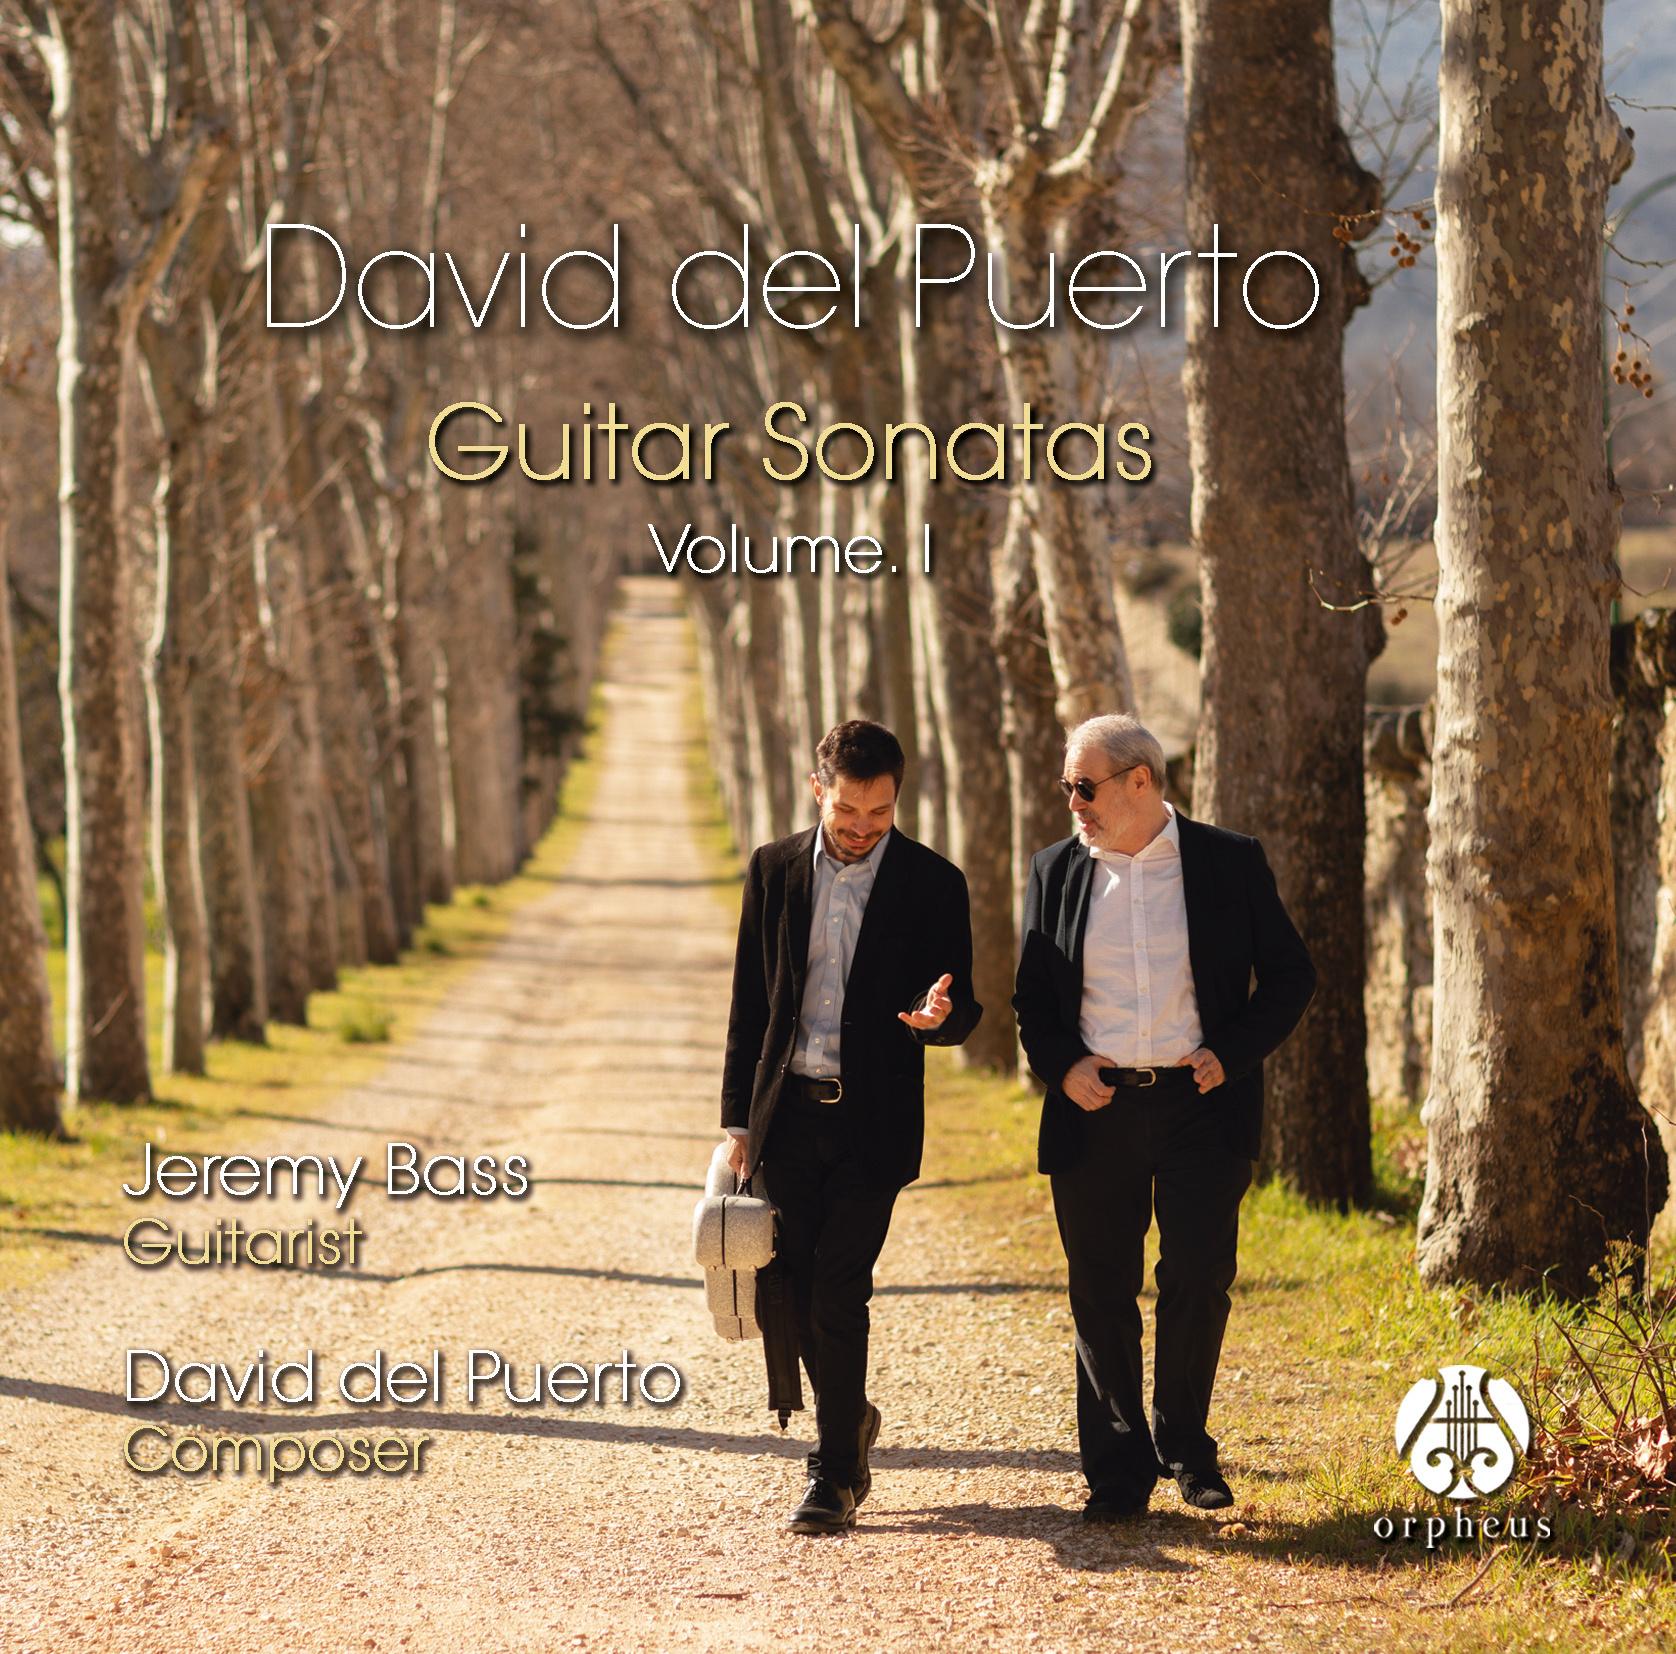 David del Puerto: Guitar Sonatas